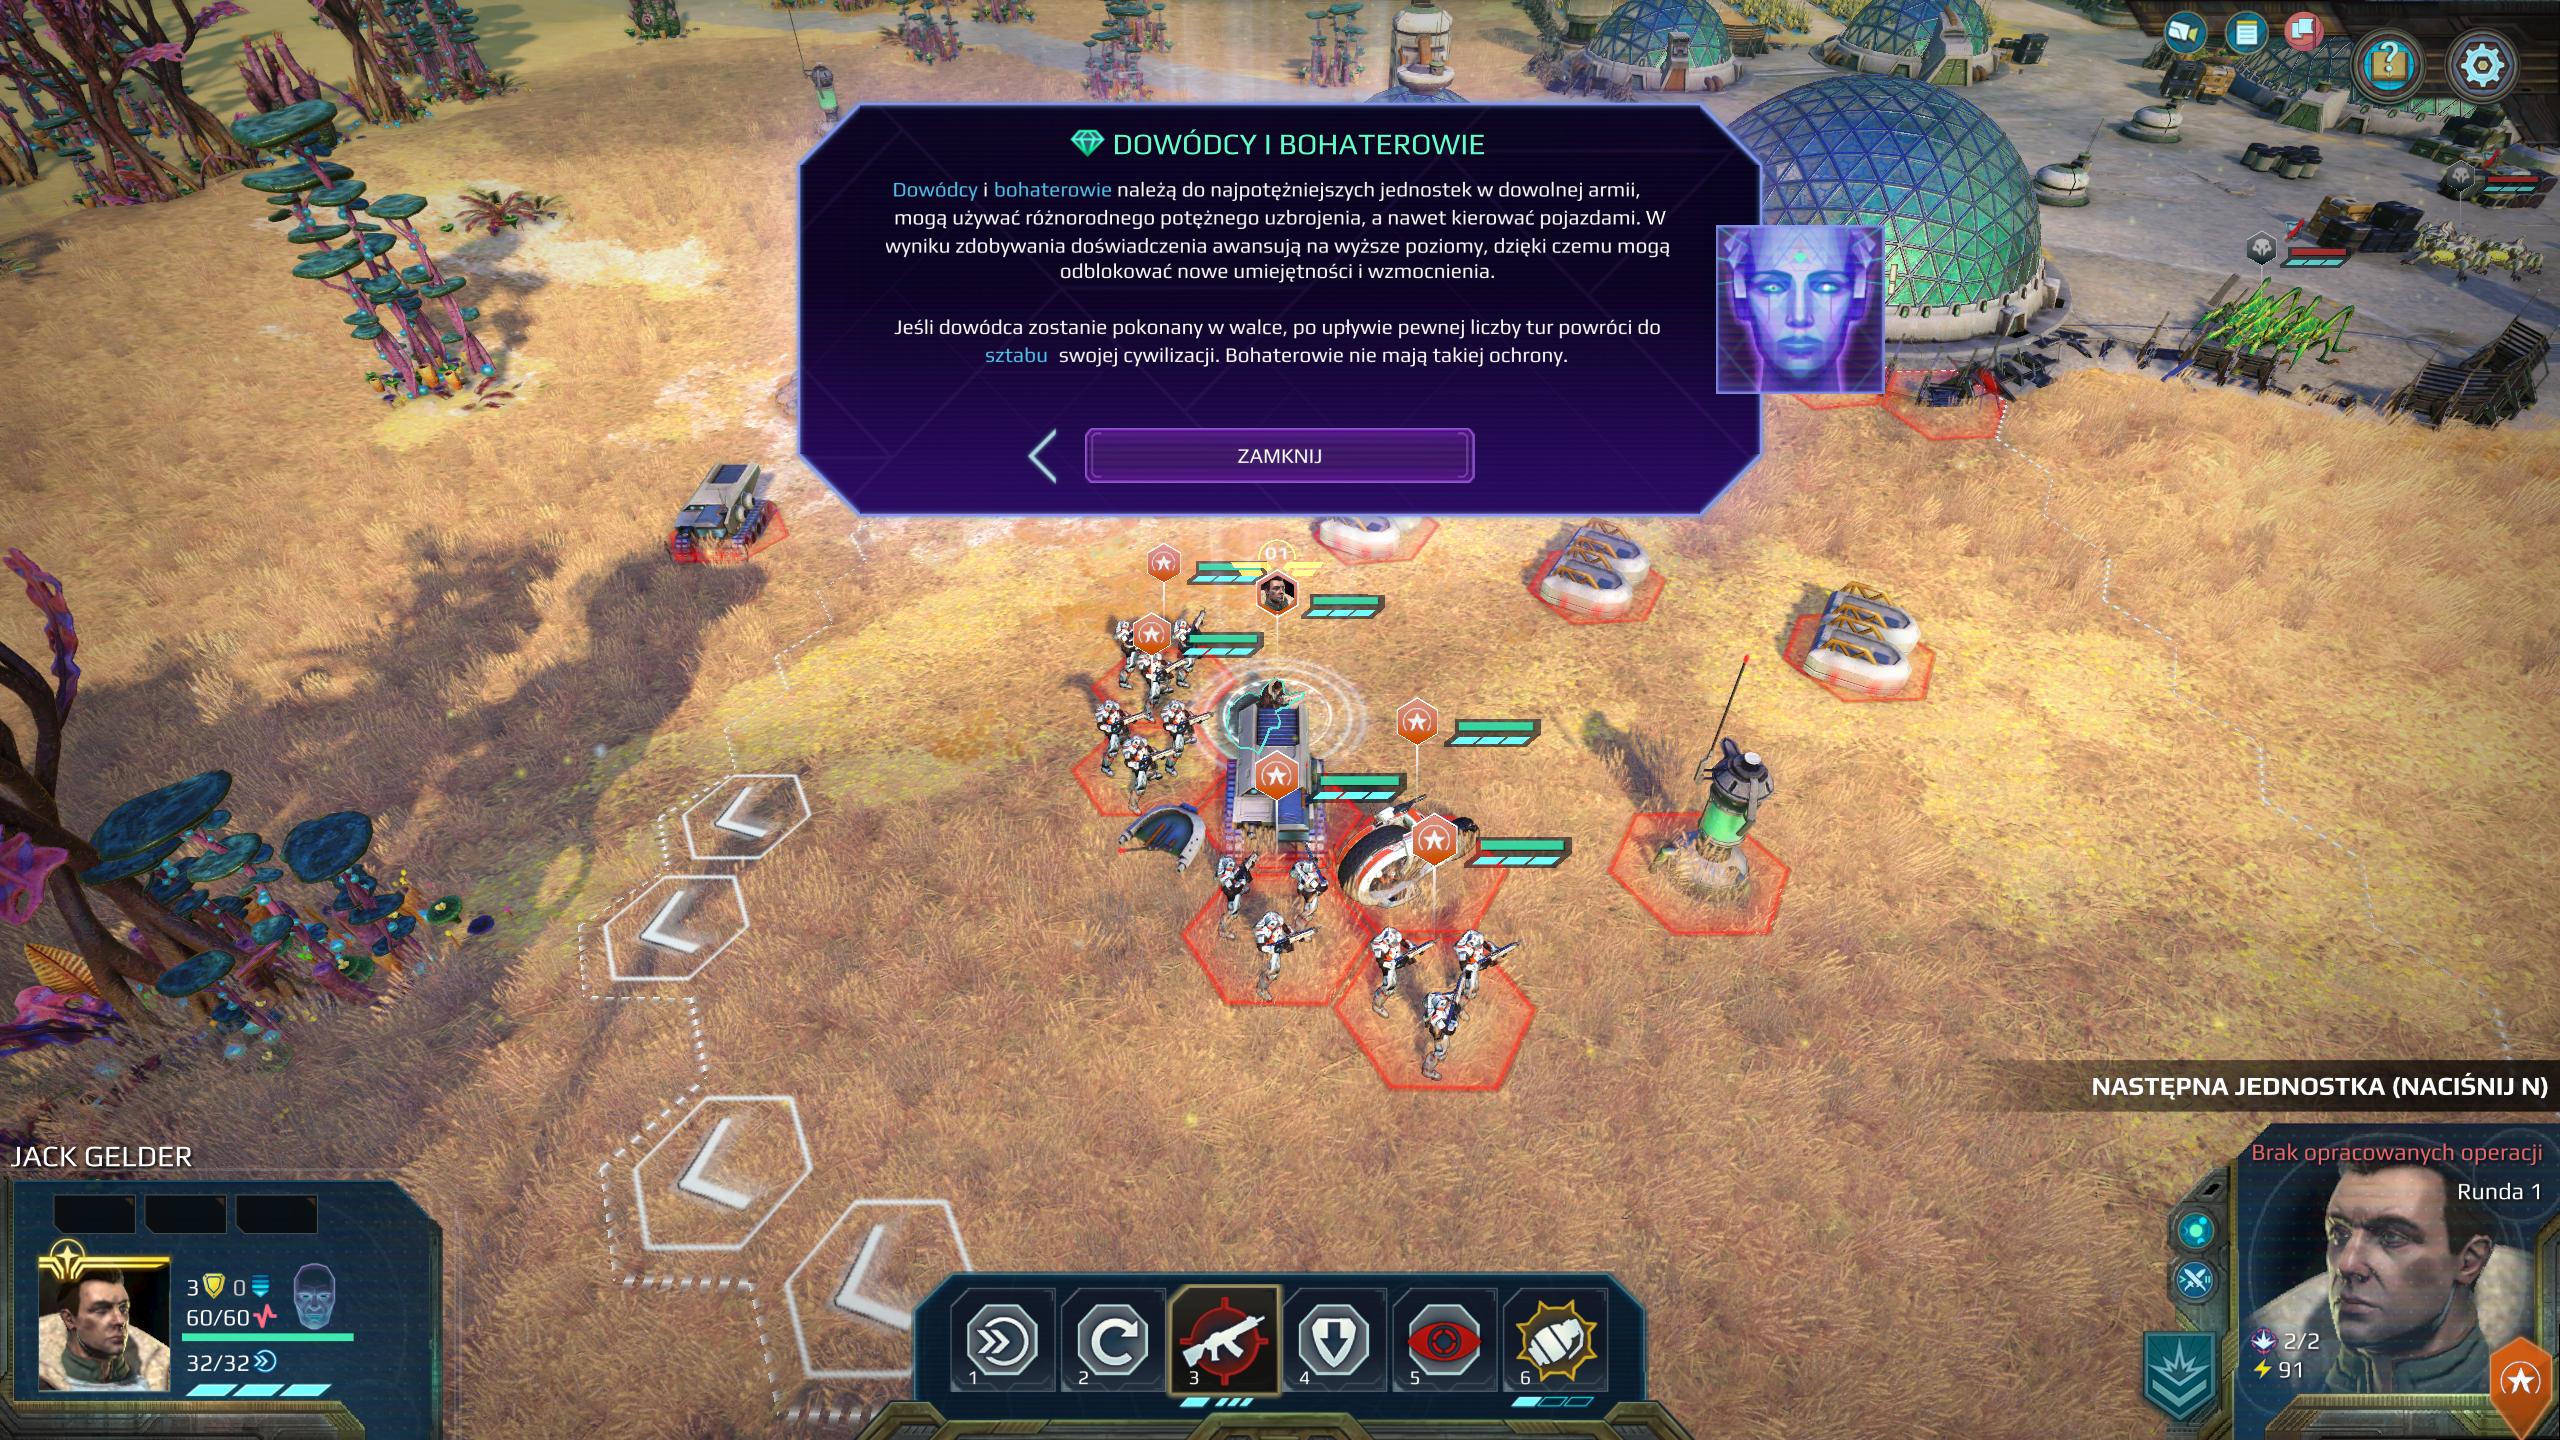 Age of Wonders: Planetfall - po ponad 30 godzinach gry wciąż mam ochotę na więcej! (recenzja)